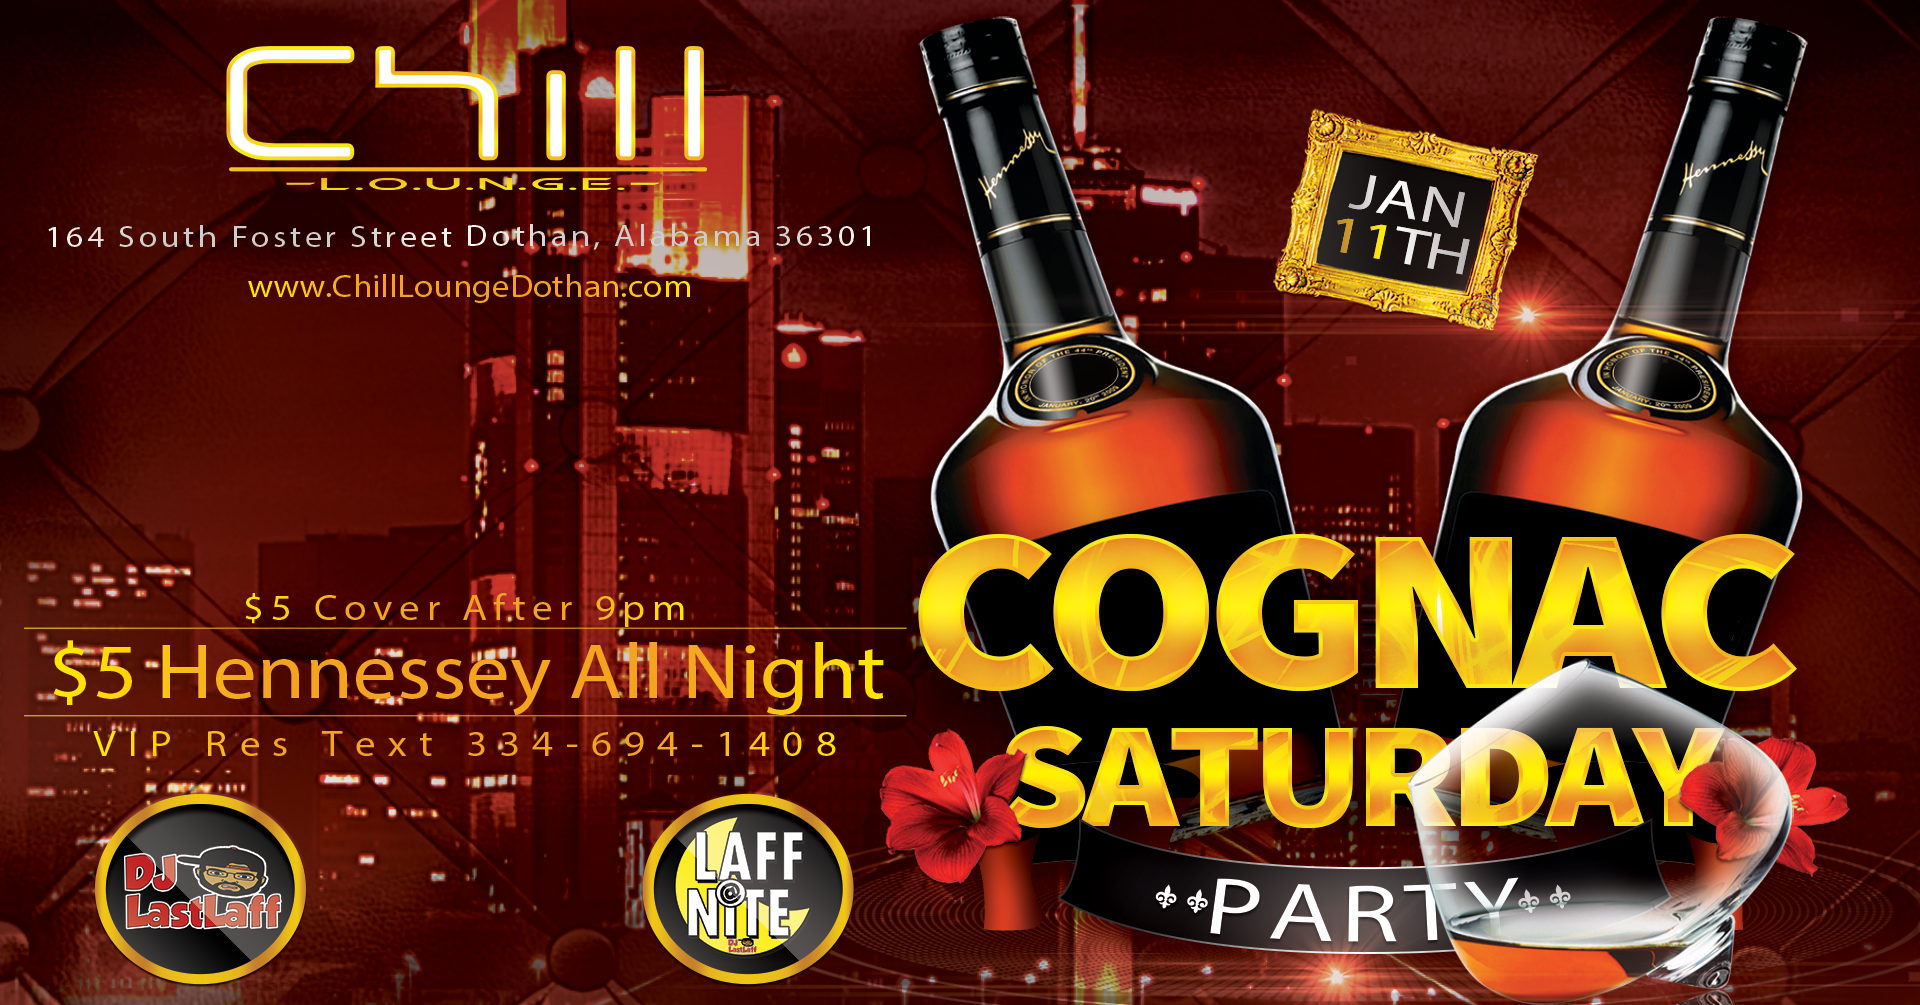 Cognac Saurday FB Event